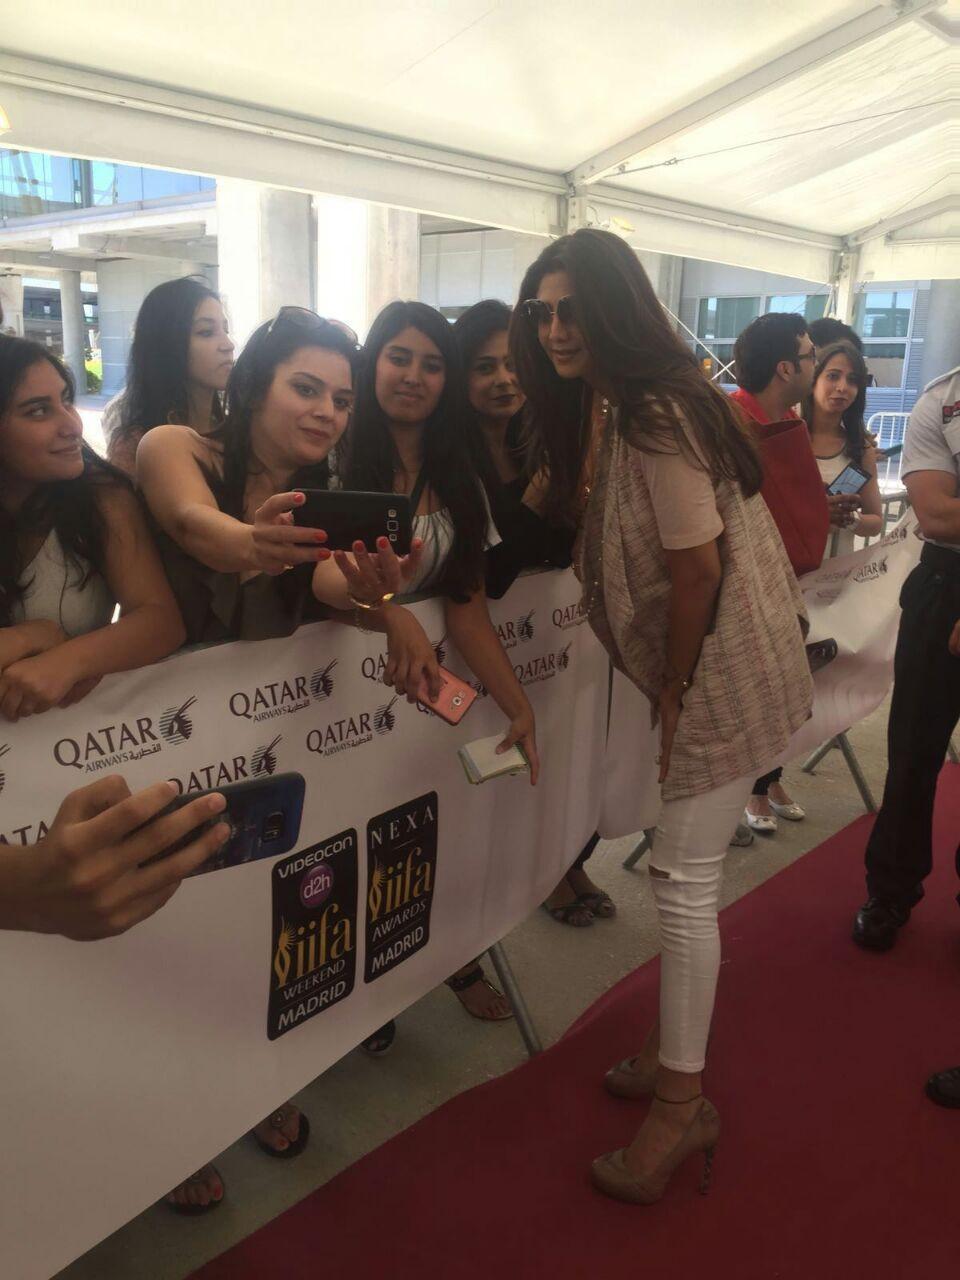 IIFA 2016,IIFA 2016 live,Bollywood celebs IIFA 2016,Shahid Kapoor,Shilpa Shetty,Sonakshi Sinha,Bipasha Basu,Karan Singh Grover,IIFA 2016 pics,IIFA 2016 images,IIFA 2016 photos,IIFA 2016 stills,IIFA 2016 pictures